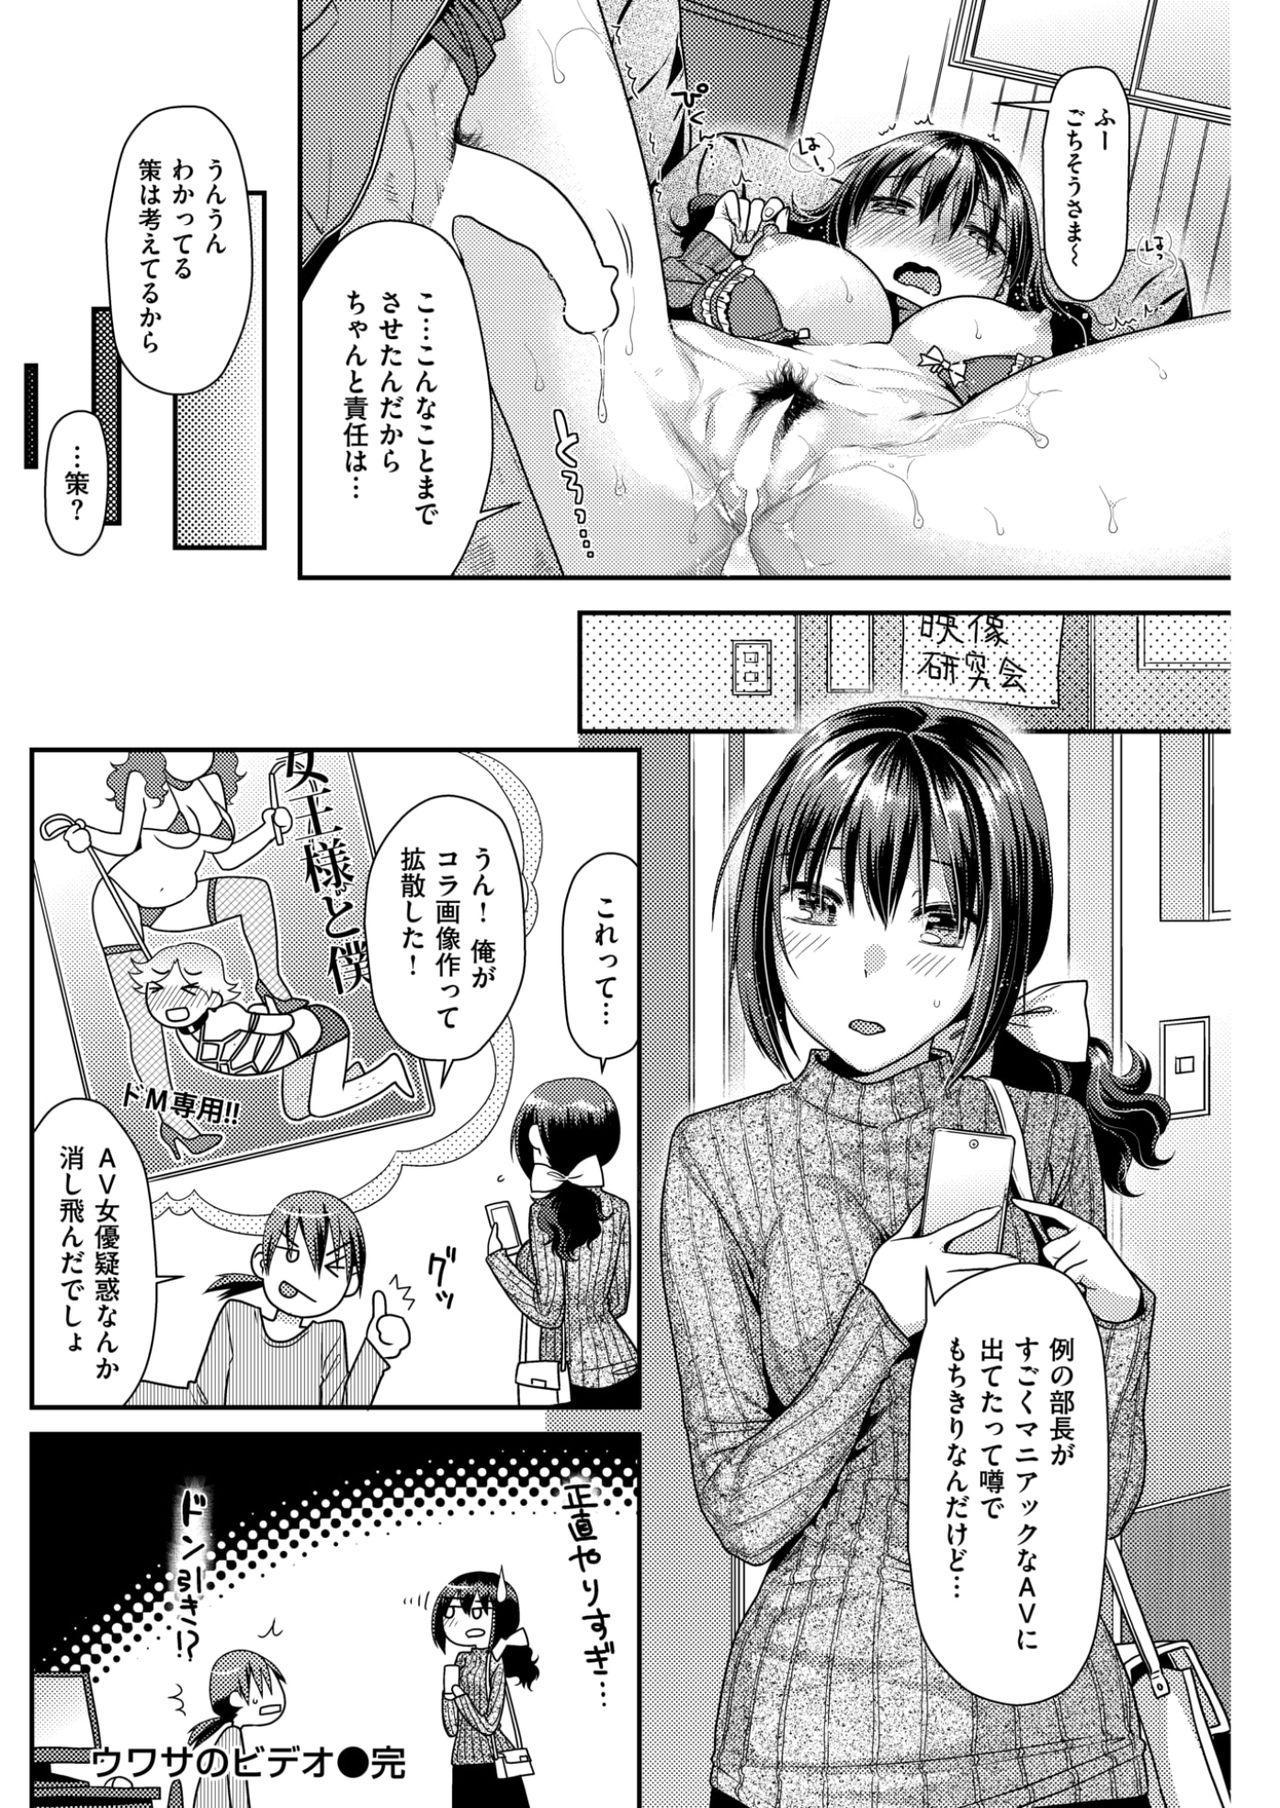 COMIC Kairakuten BEAST 2017-04 148